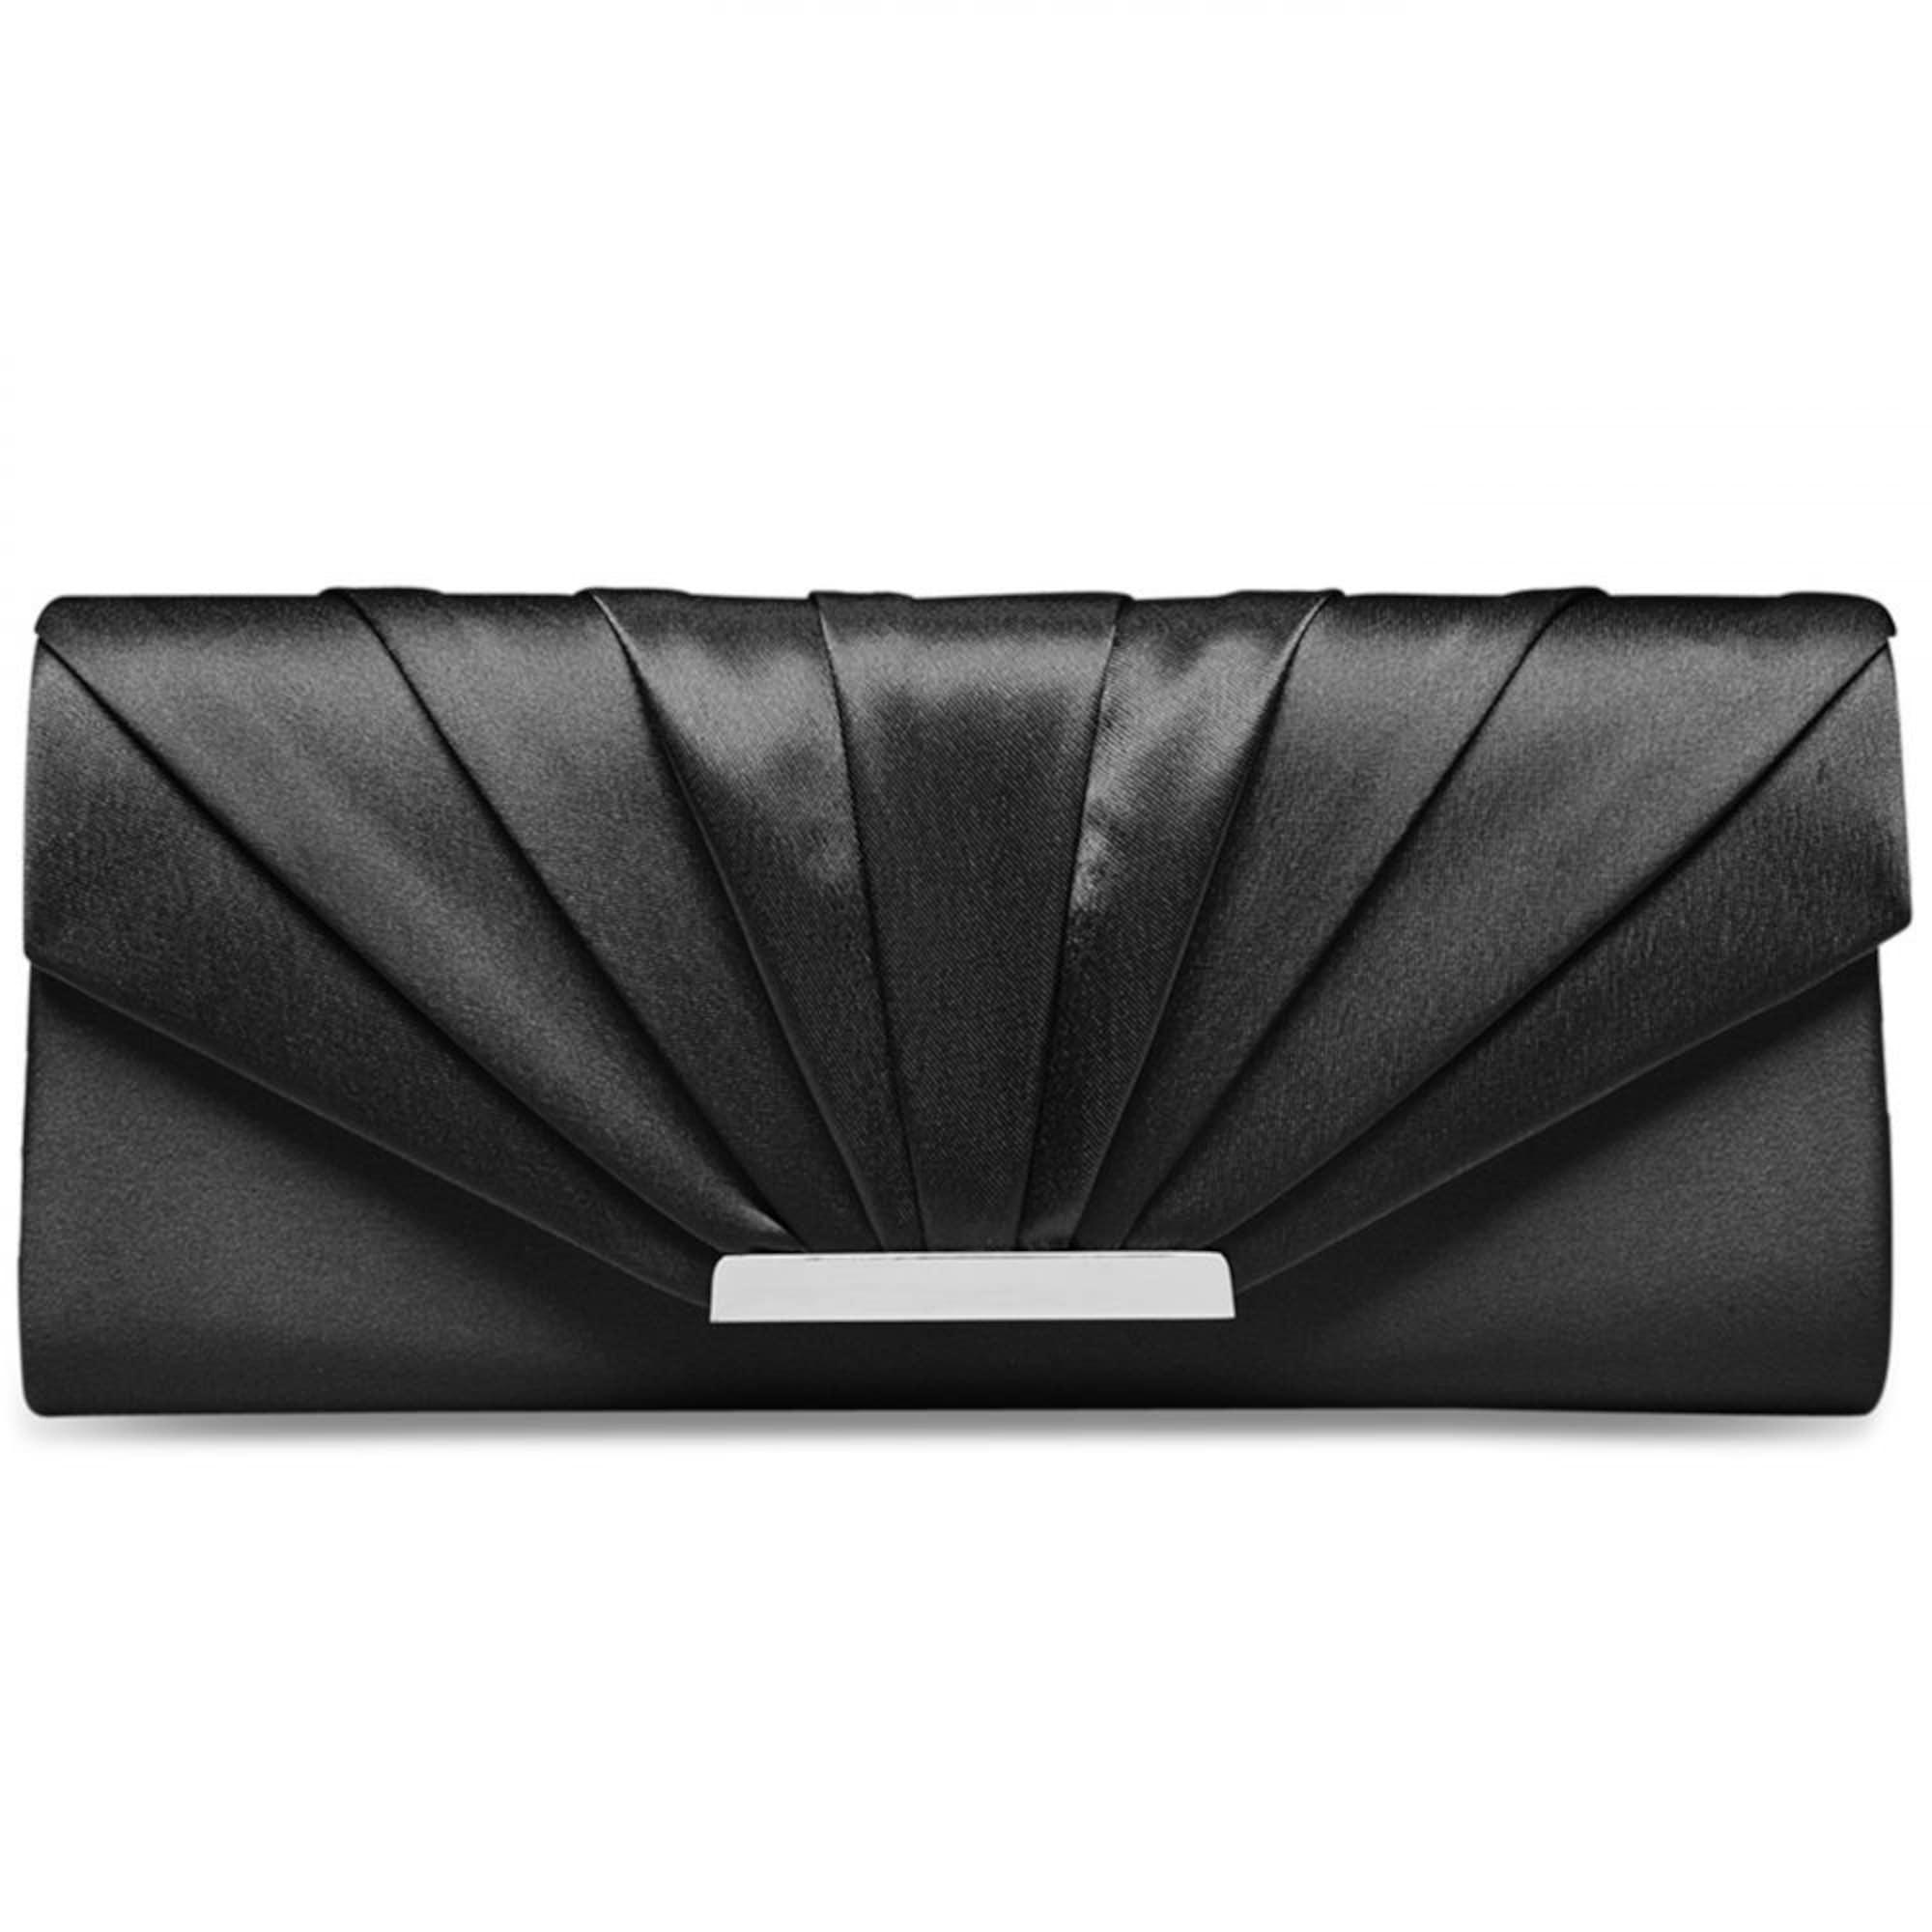 Scala Abendtasche 23 cm | Taschen > Handtaschen > Abendtaschen | Schwarz | Picard